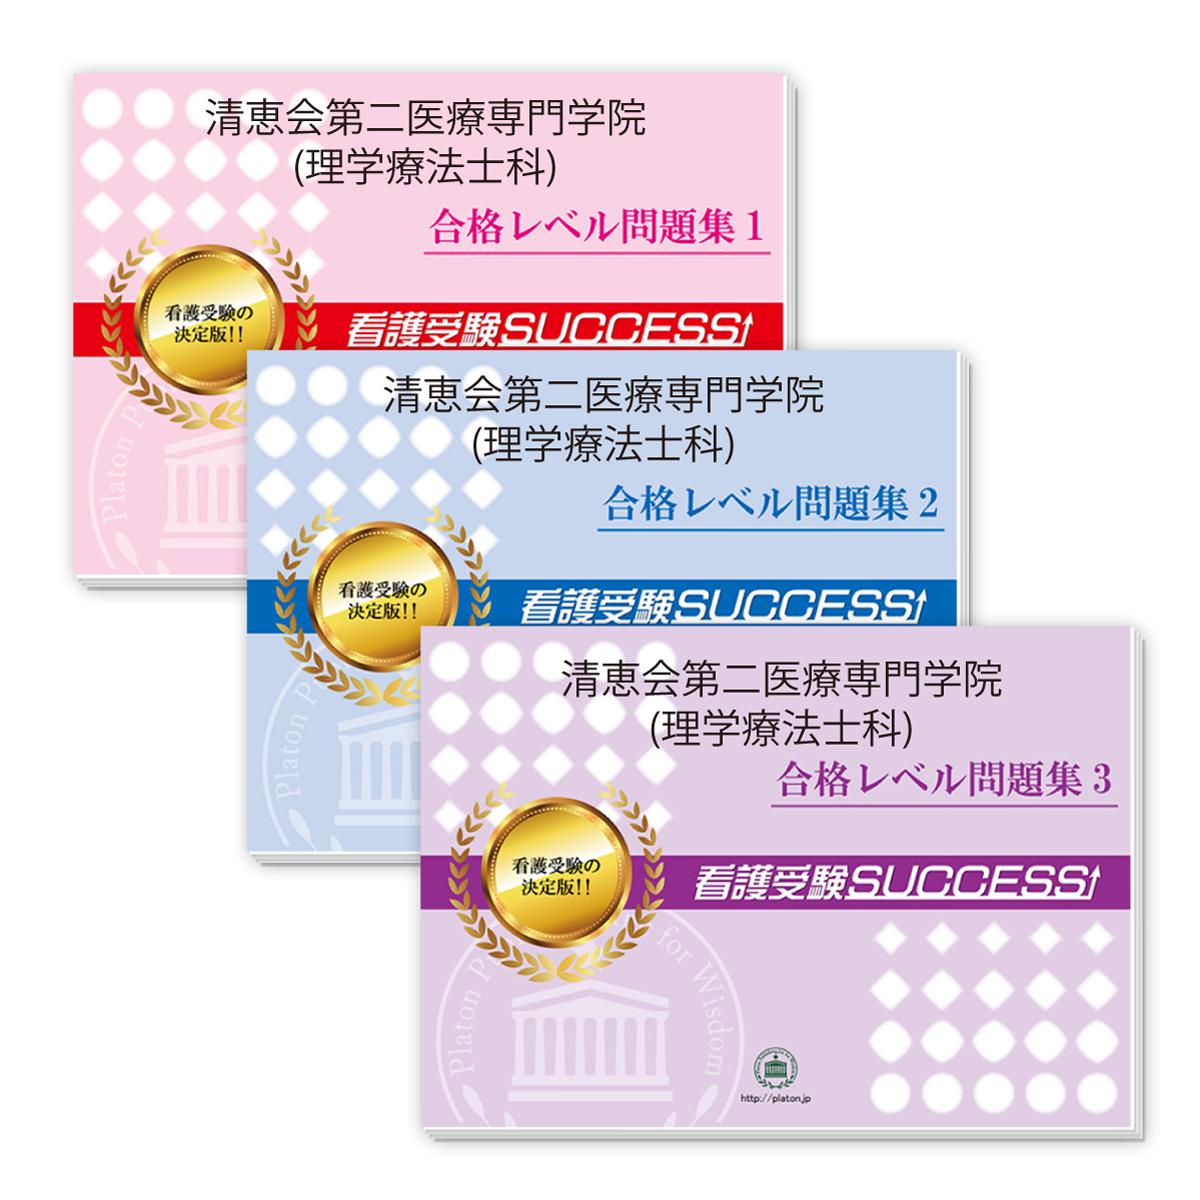 【送料・代引手数料無料】サンプル受験合格セット(3冊)